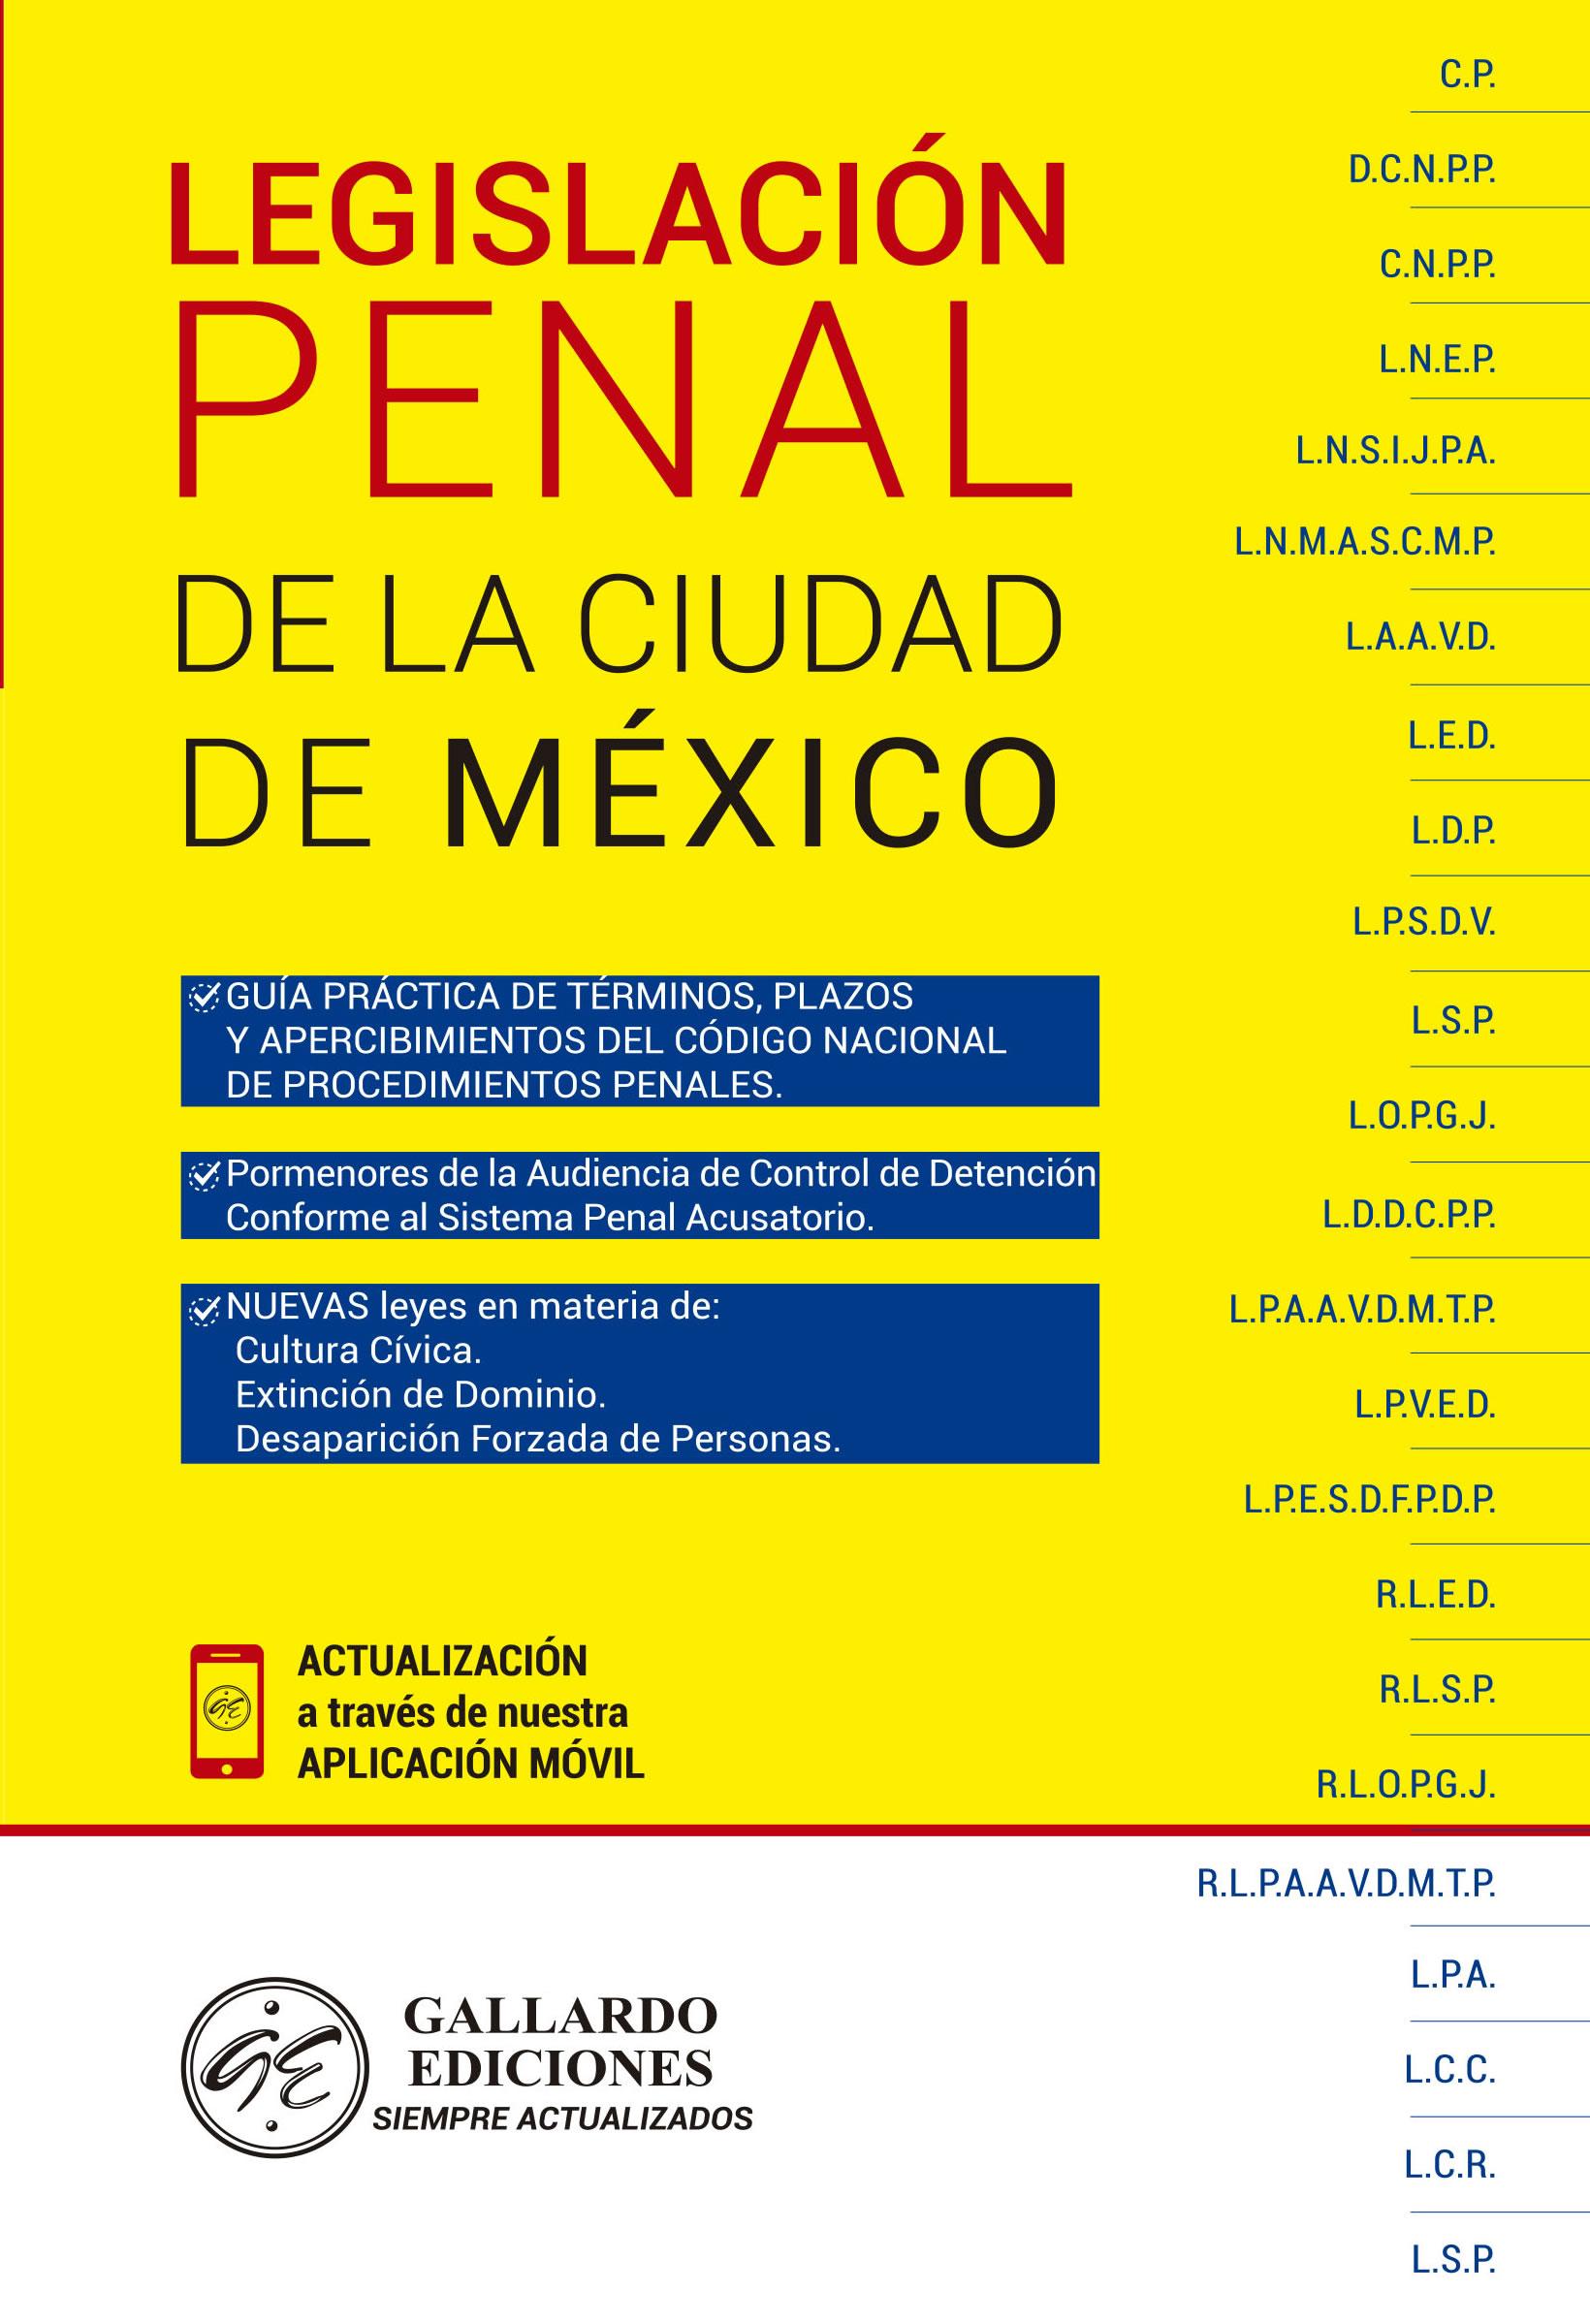 Legislación Penal de la Ciudad de México 2018